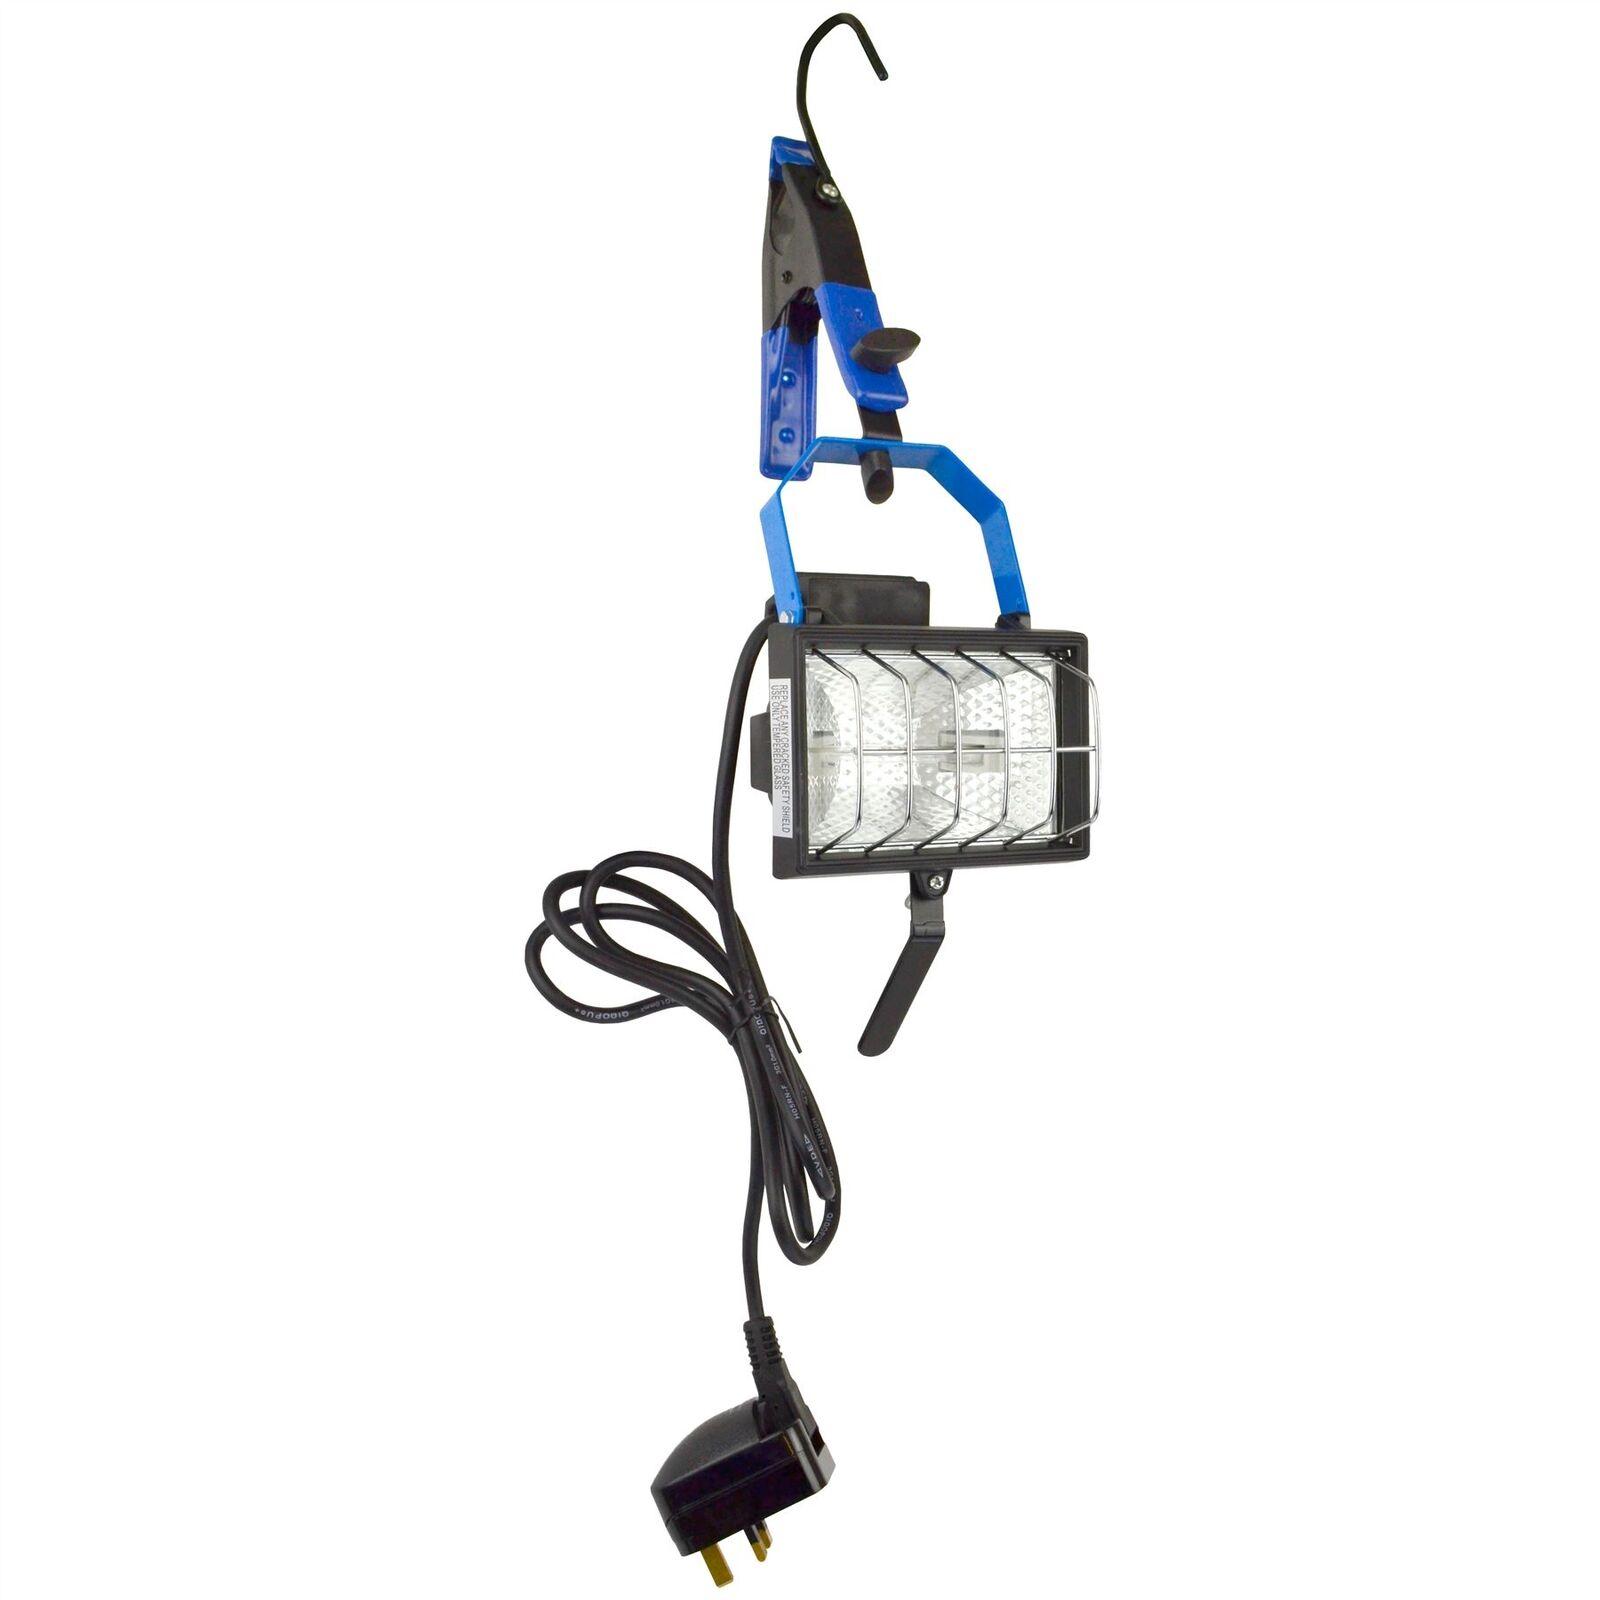 Hanging Work Light Floodlight Halogen Adjustable   Portable   Garage 150W SIL03